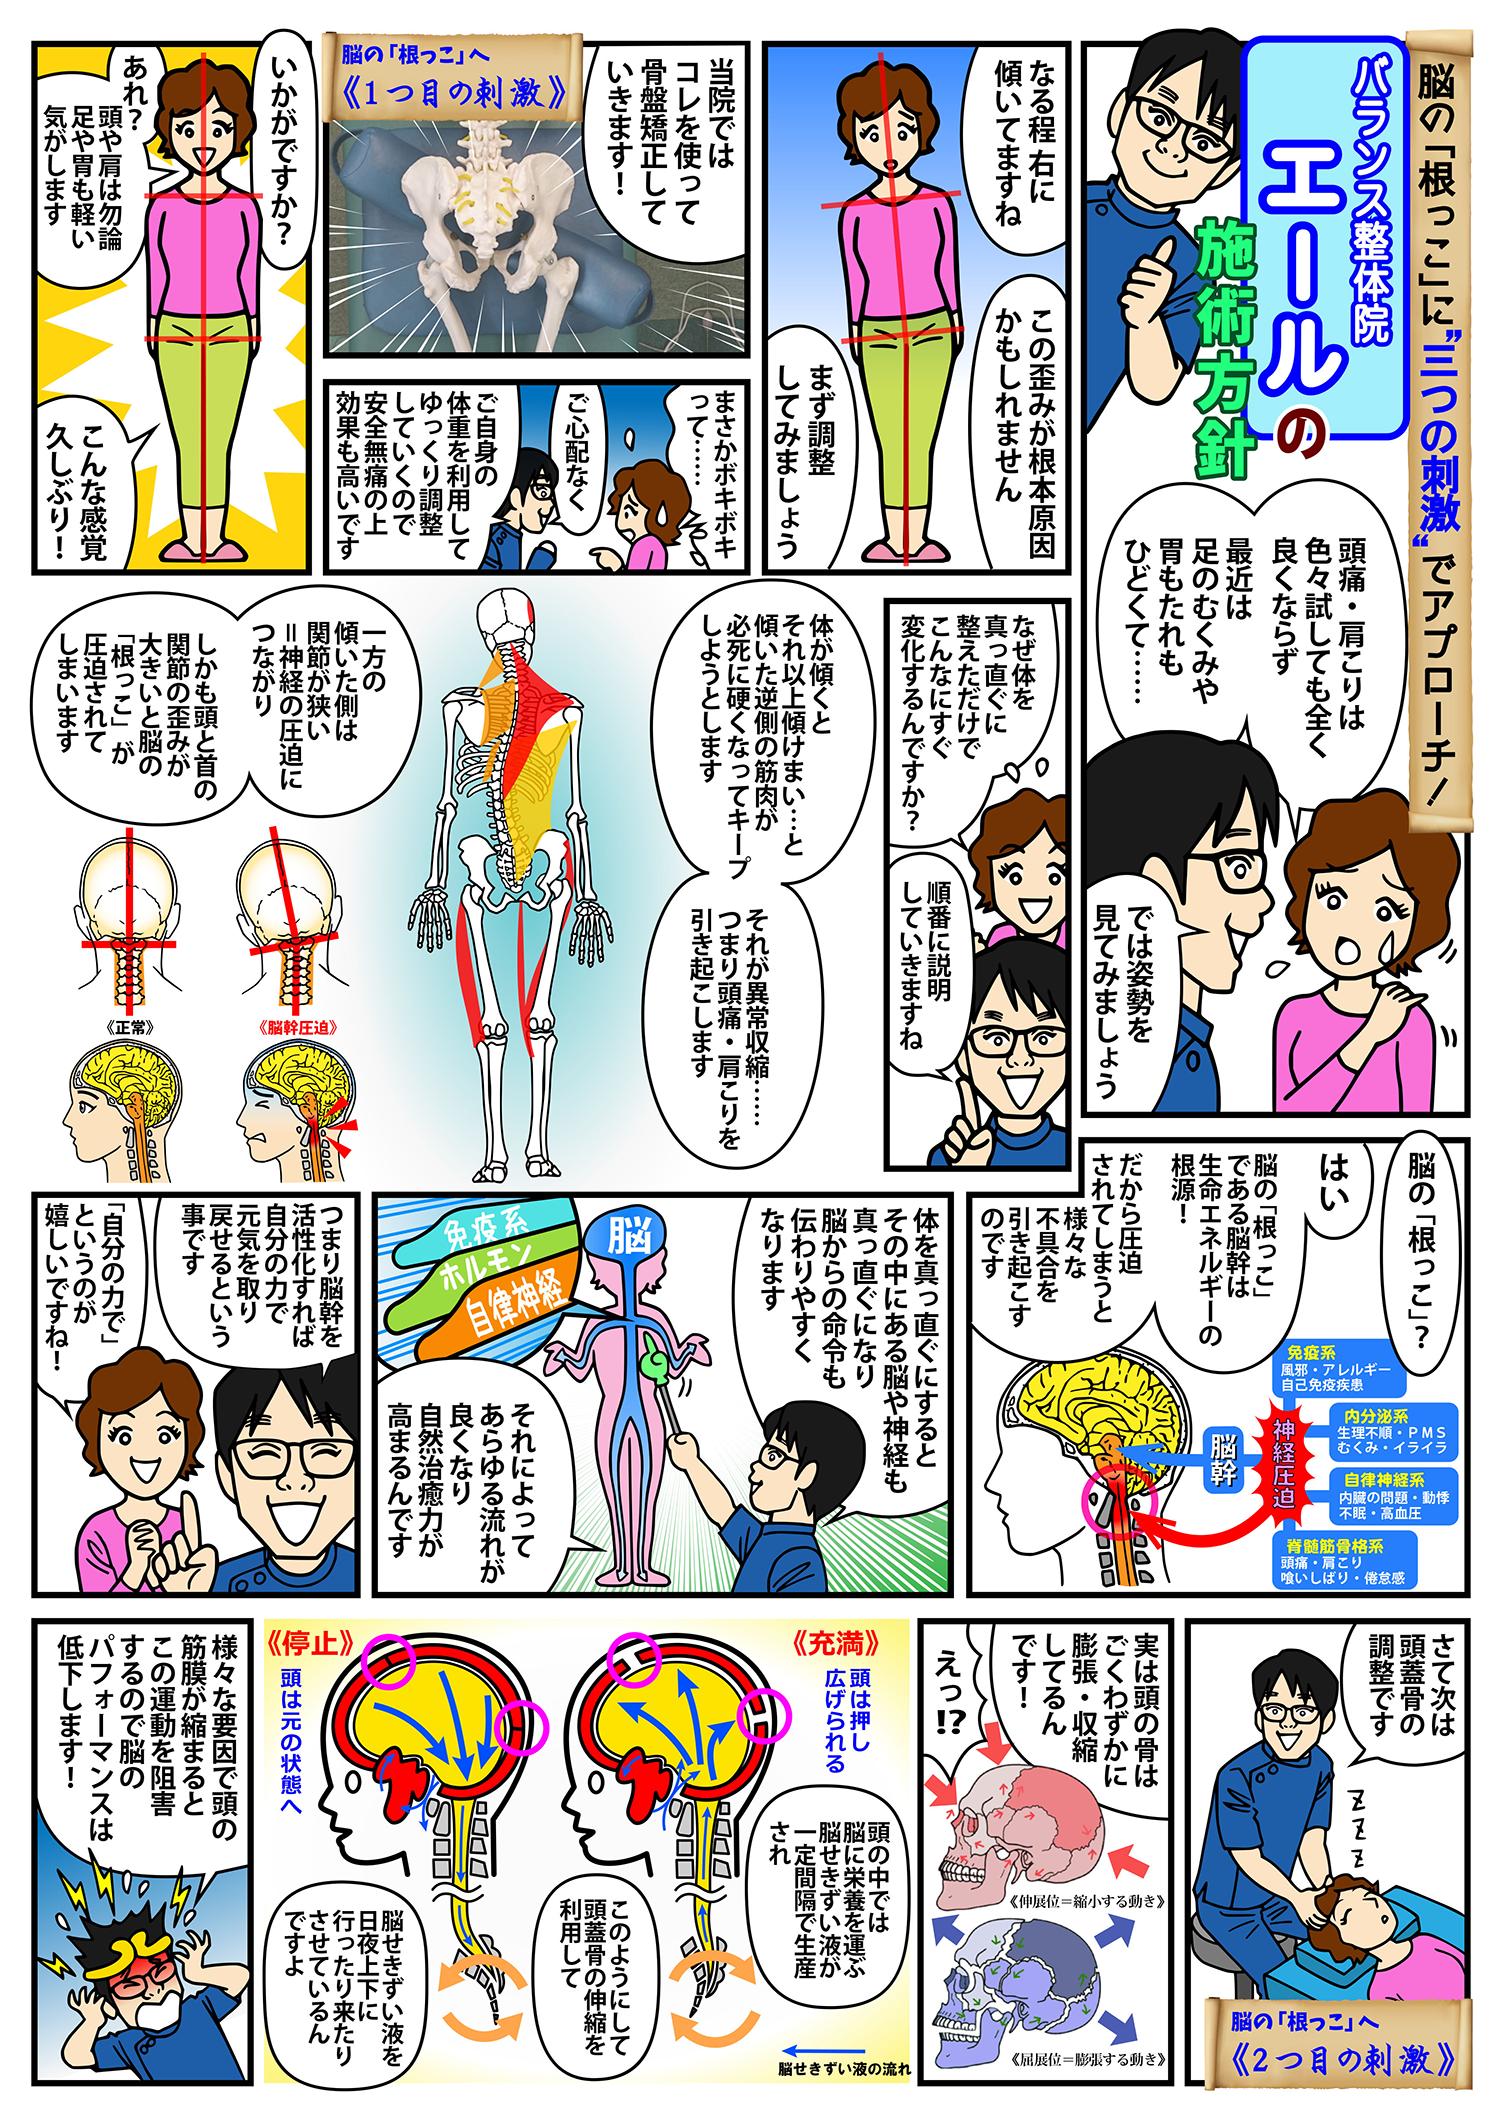 大阪堺市 バランス整体院エール 頭蓋骨矯正+骨盤矯正 コマ漫画